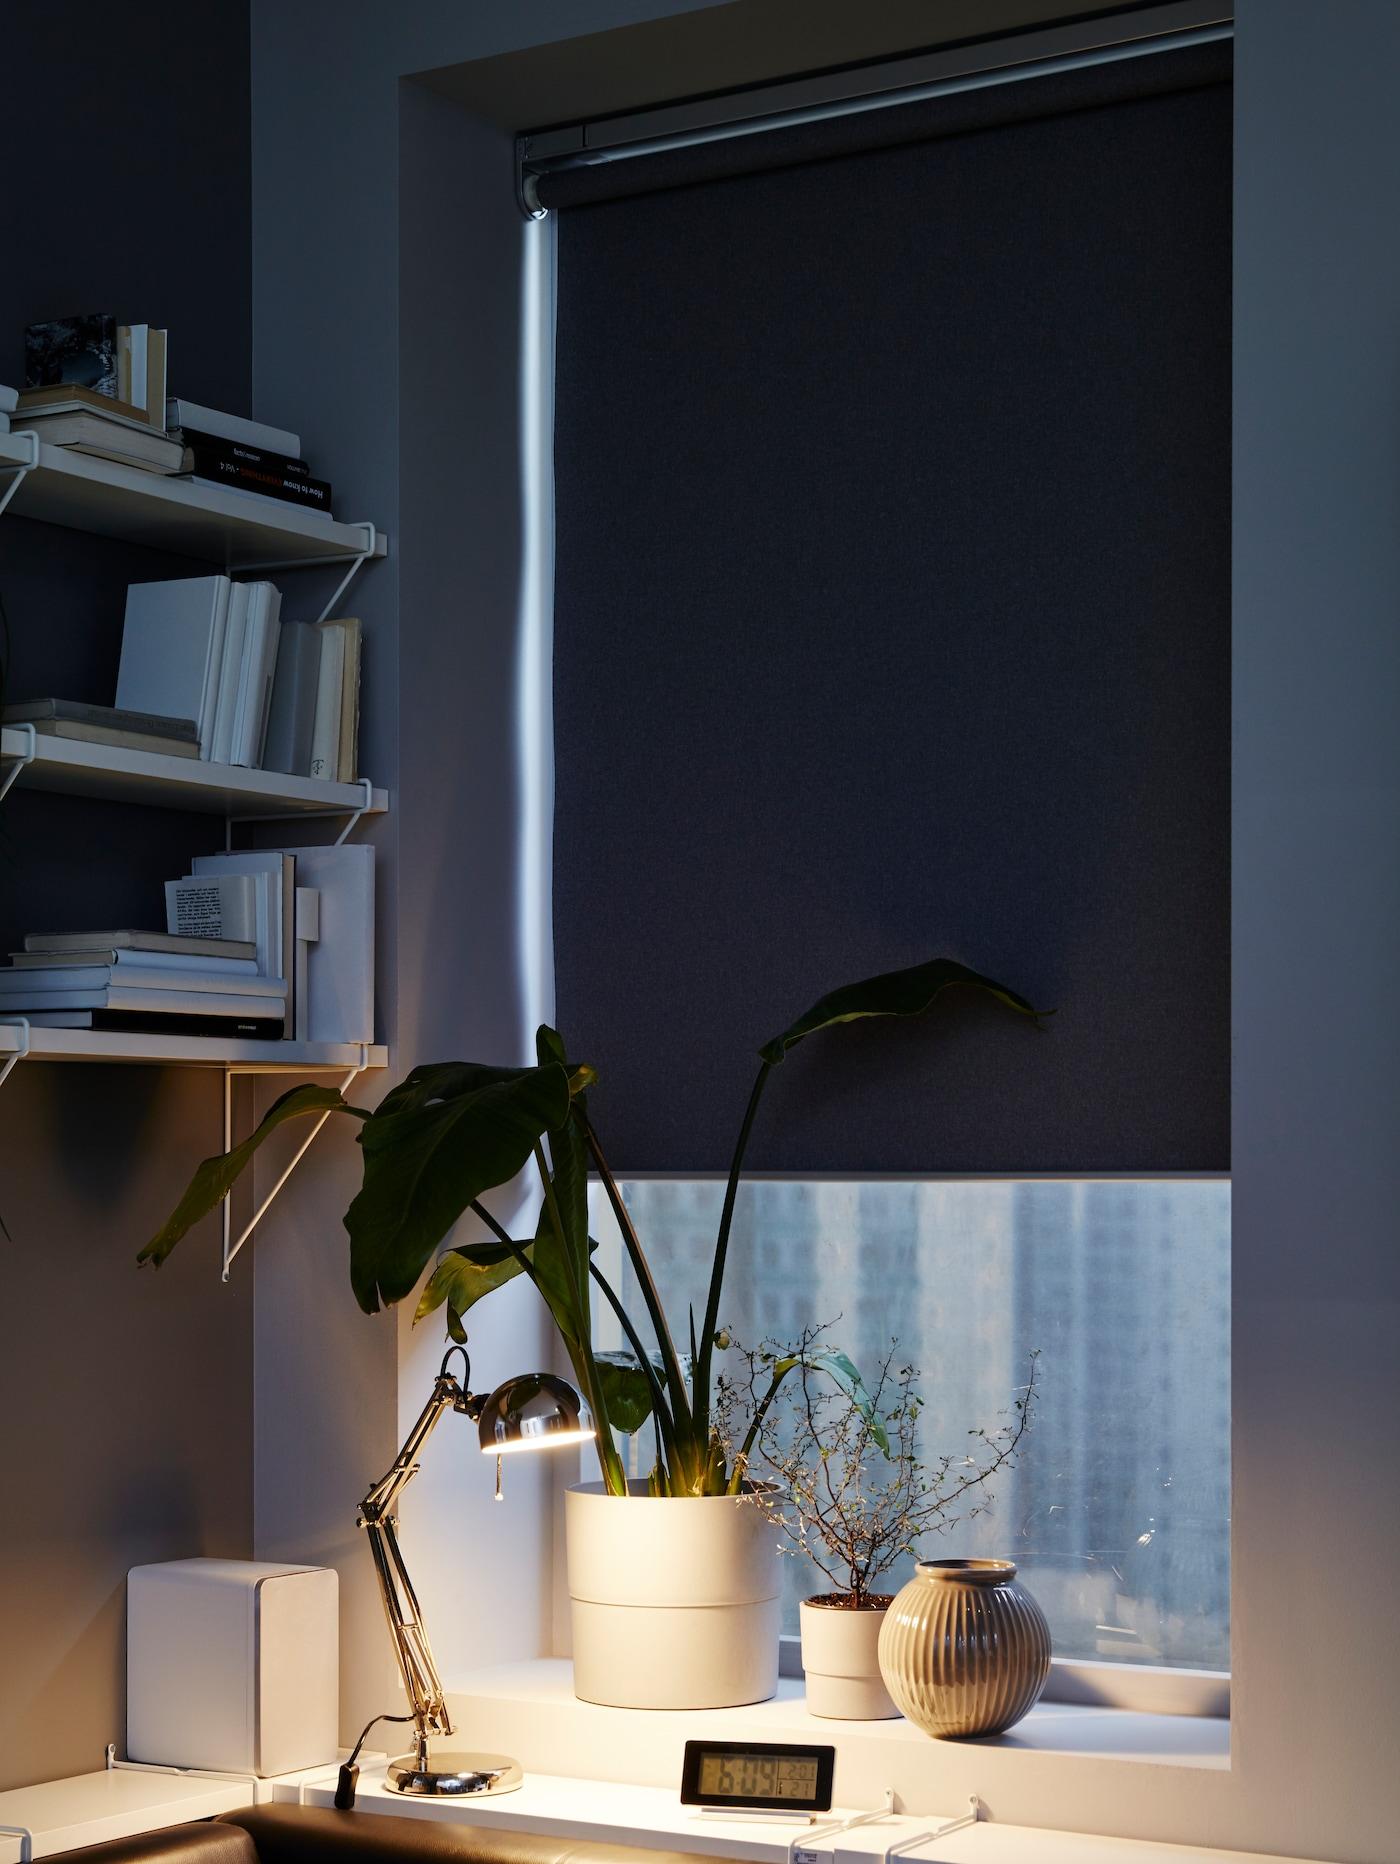 Рабочая лампа освещает книги на столе, на заднем плане видны диван и окно с гардинами.